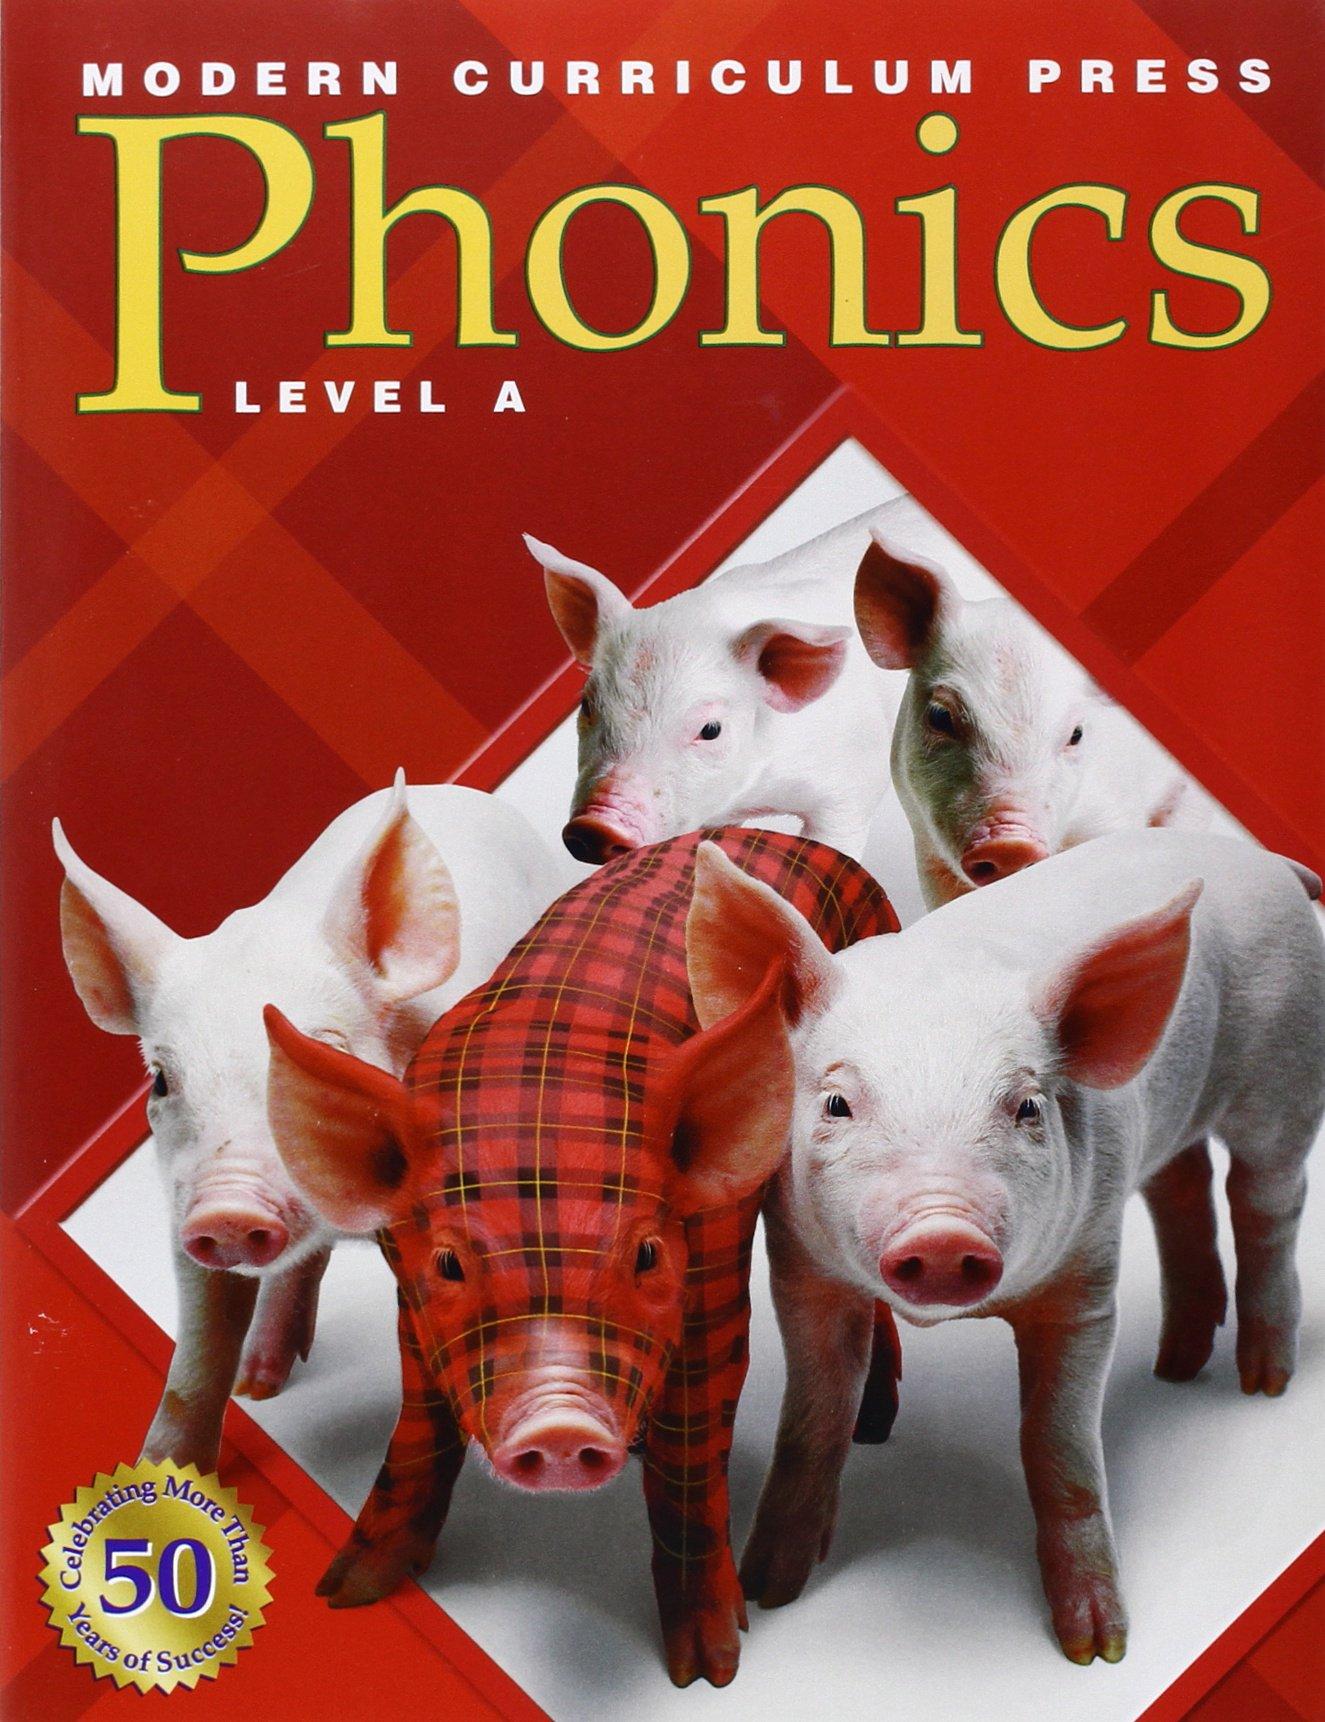 Modern Curriculum Press Phonics: Level A